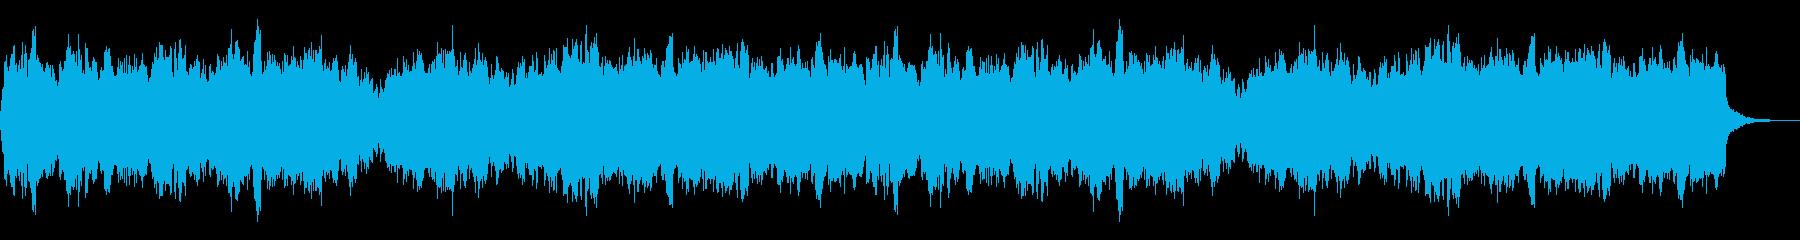 高原広場の再生済みの波形